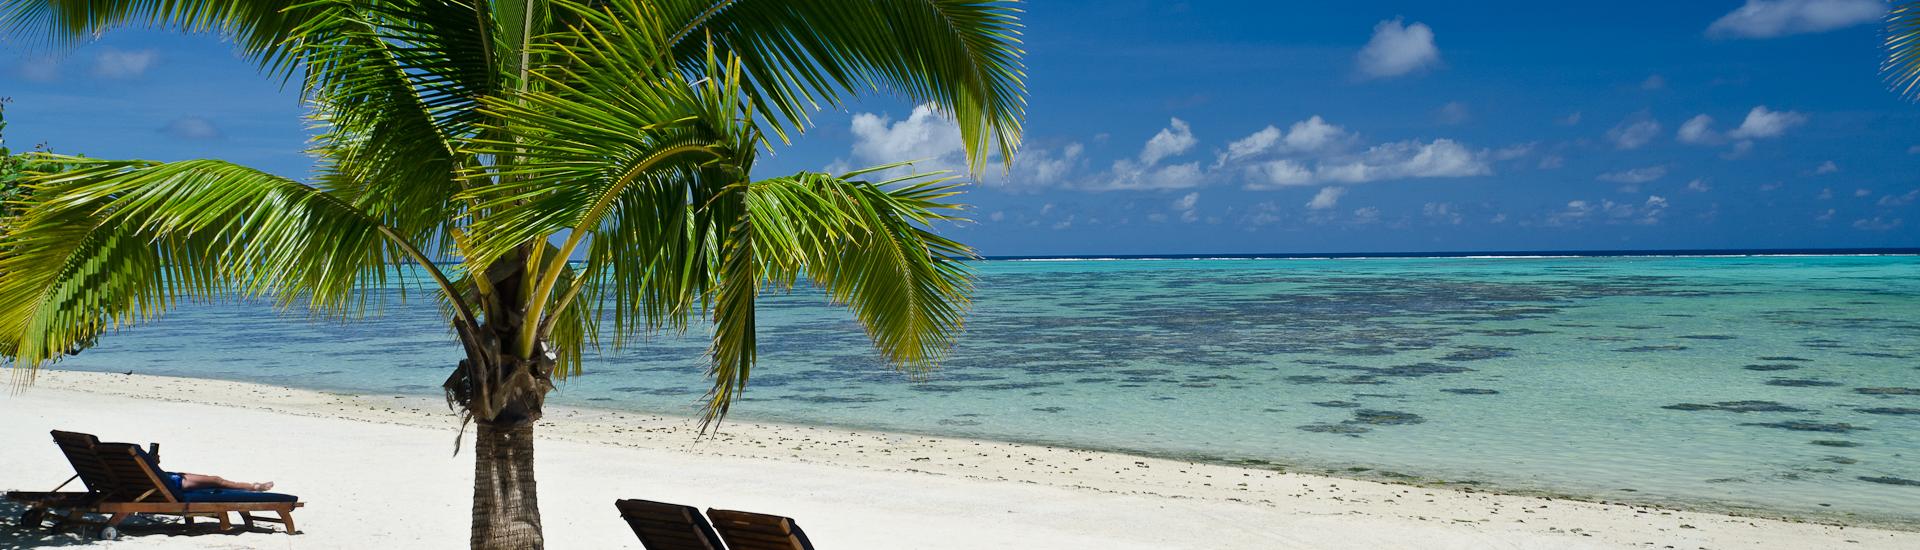 4 Sterne Boutique Resort Aitutaki